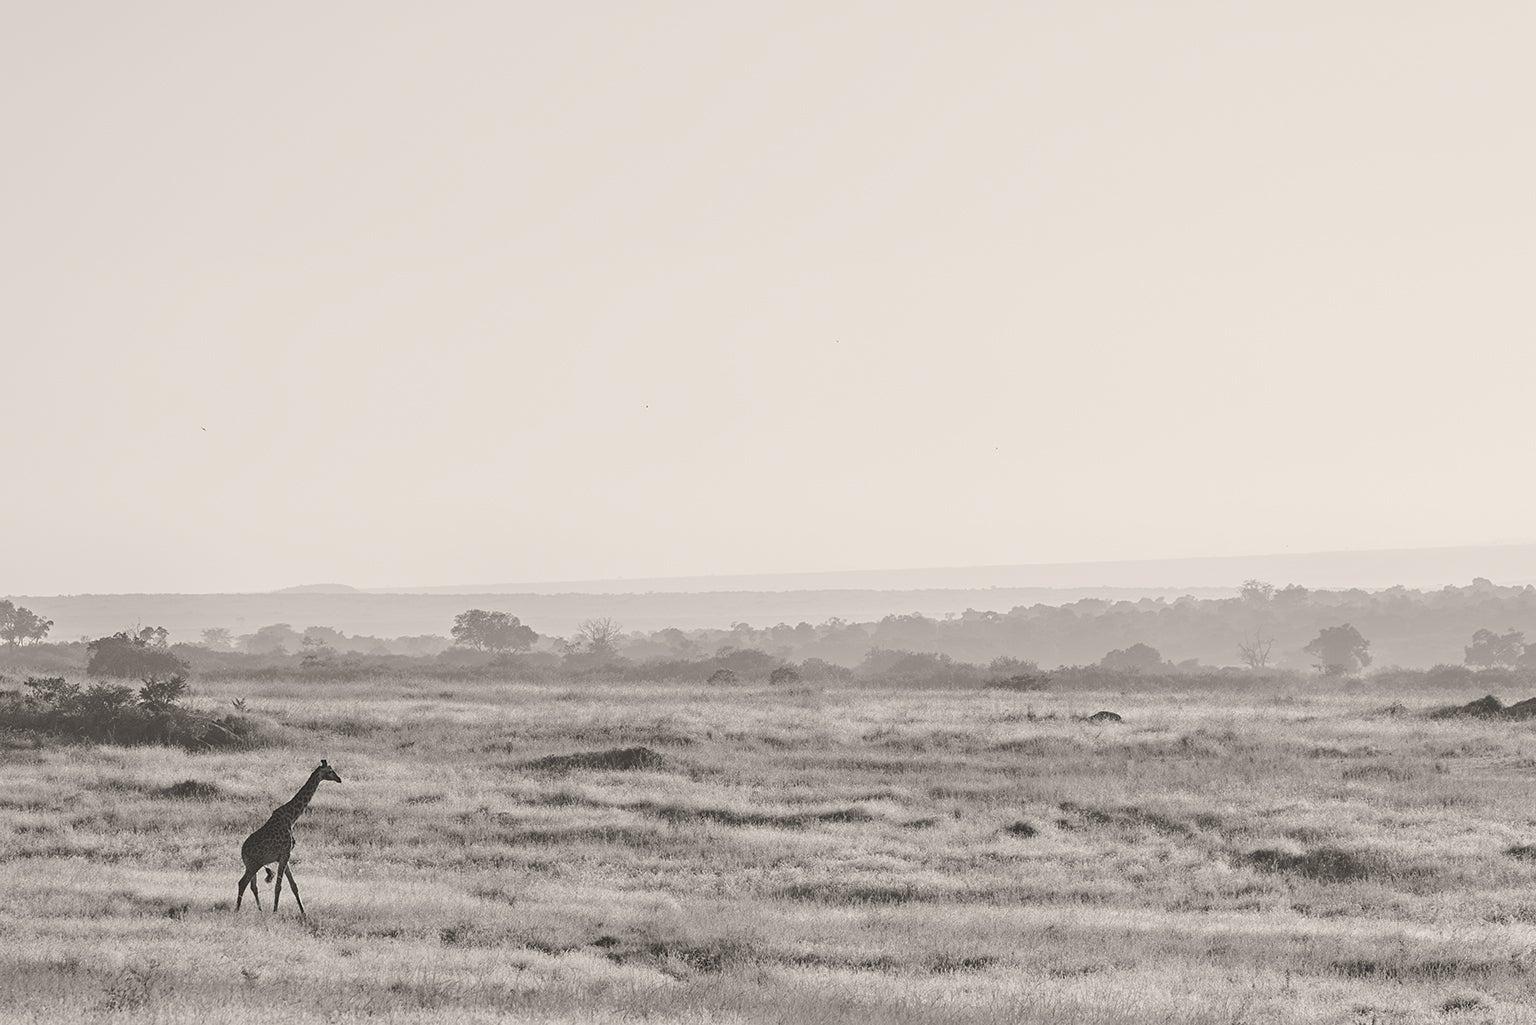 Lone giraffe walking at sunrise.